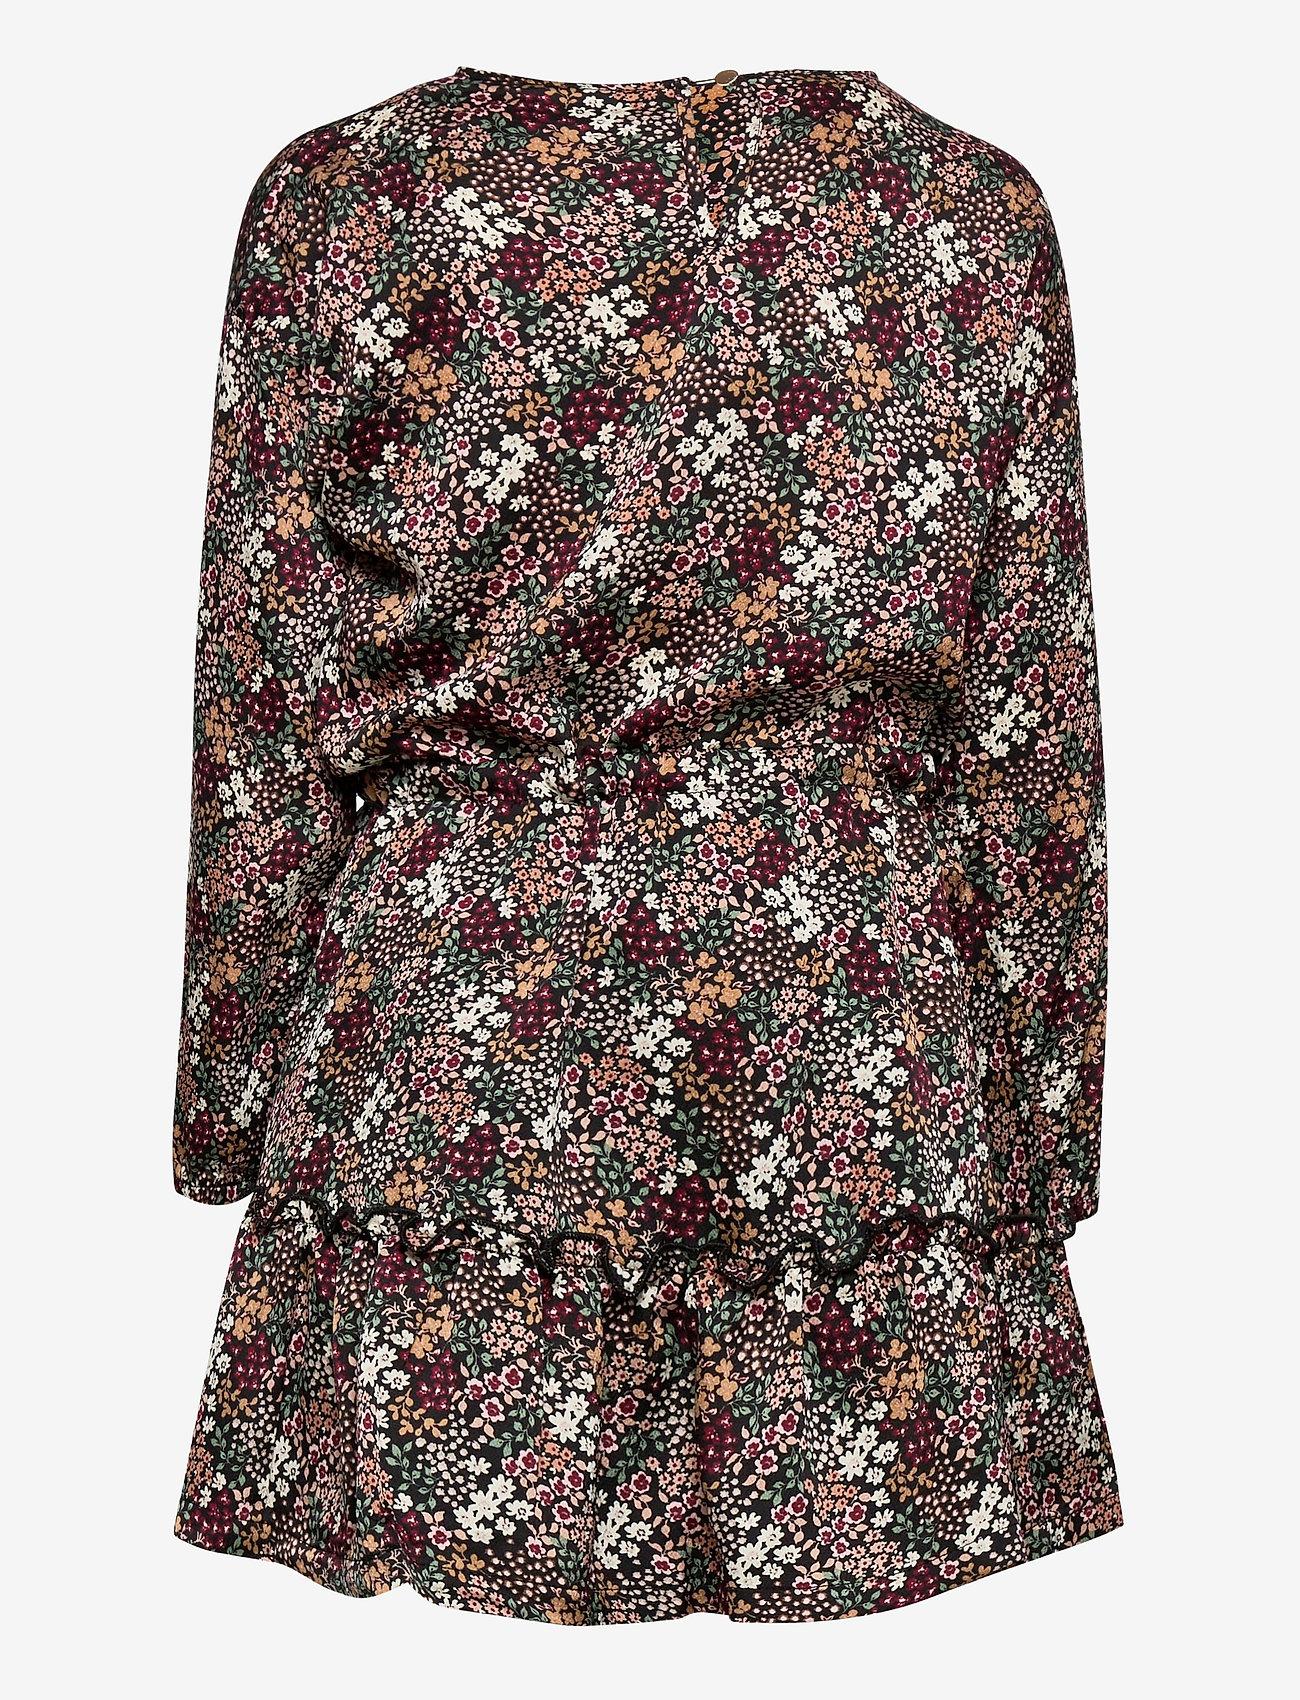 Petit by Sofie Schnoor - Dress - robes - black - 1